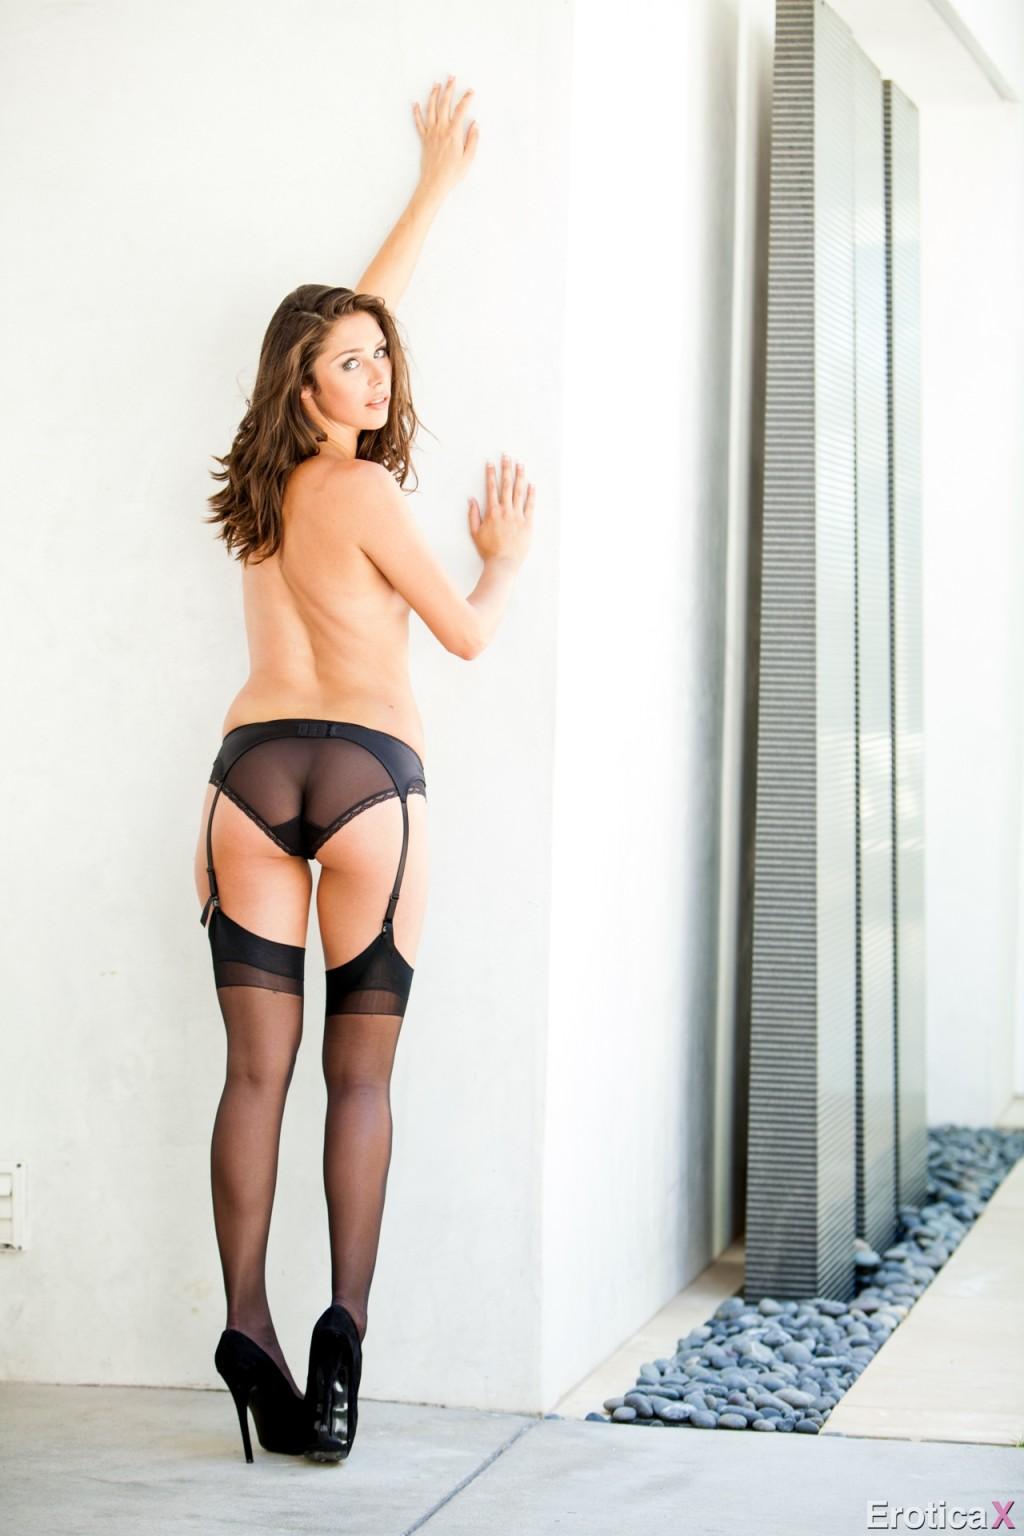 Anna morna posing in tight black lingerie